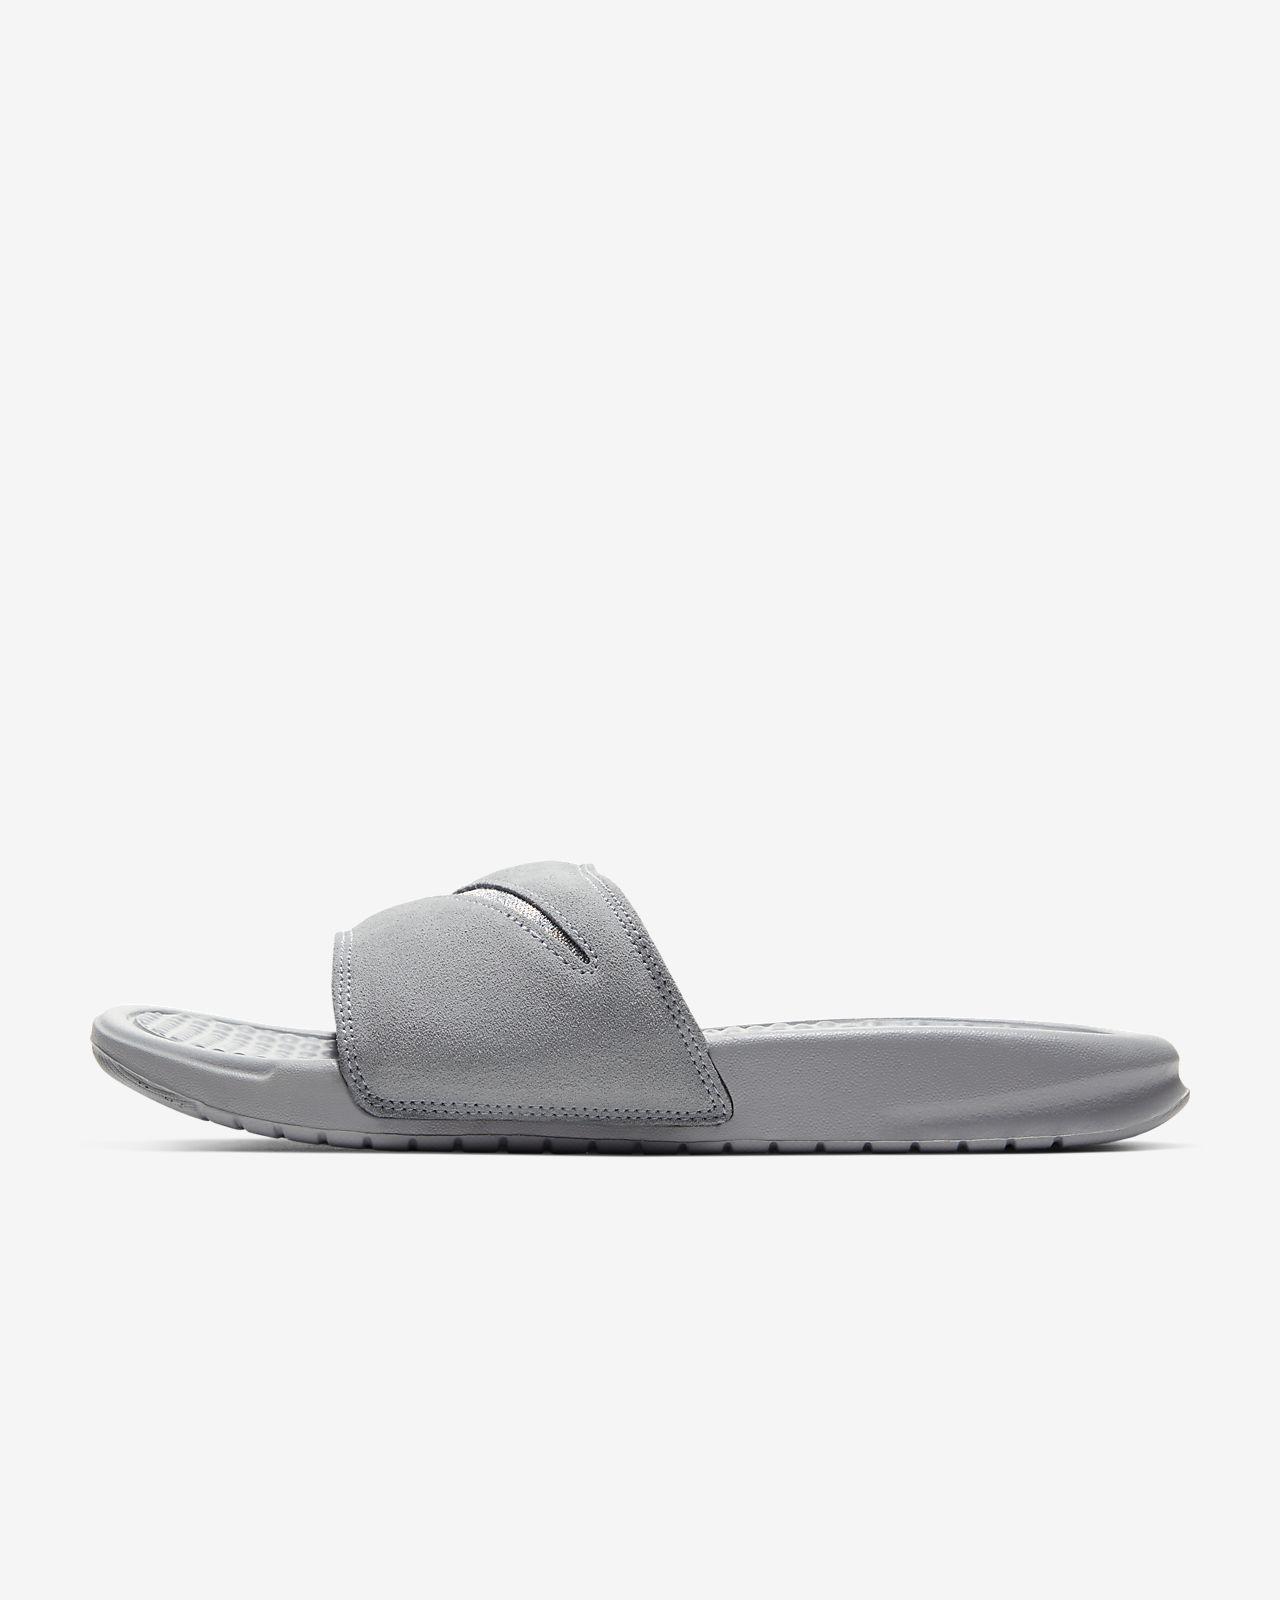 Sandalias para mujer Nike Benassi JDI Leather SE